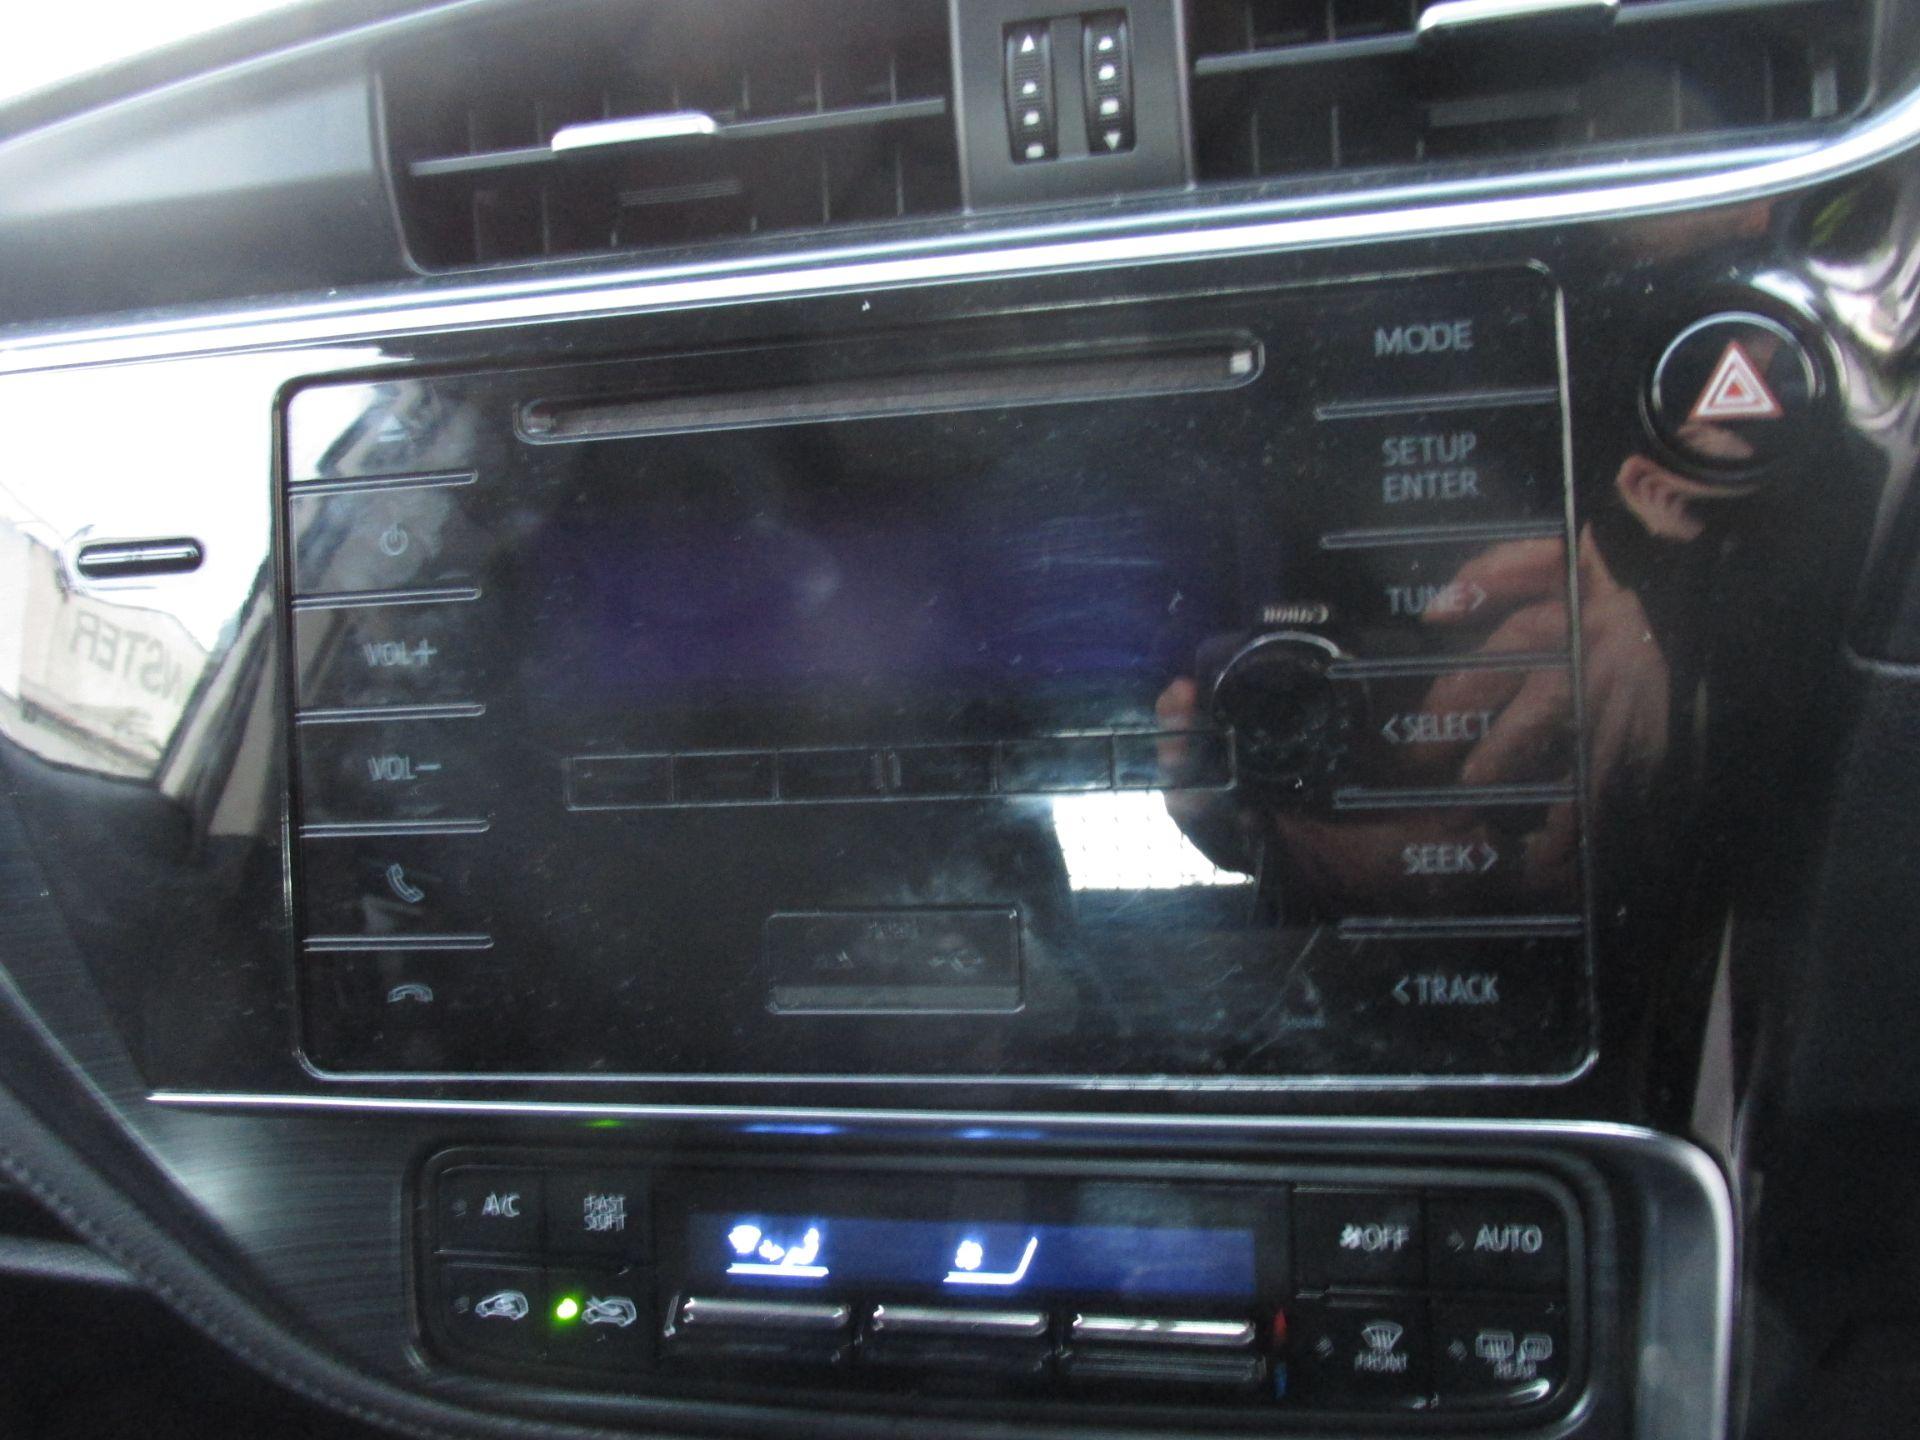 2016 Toyota Auris 1.4d-4d Terra 4DR (161D4146) Image 14